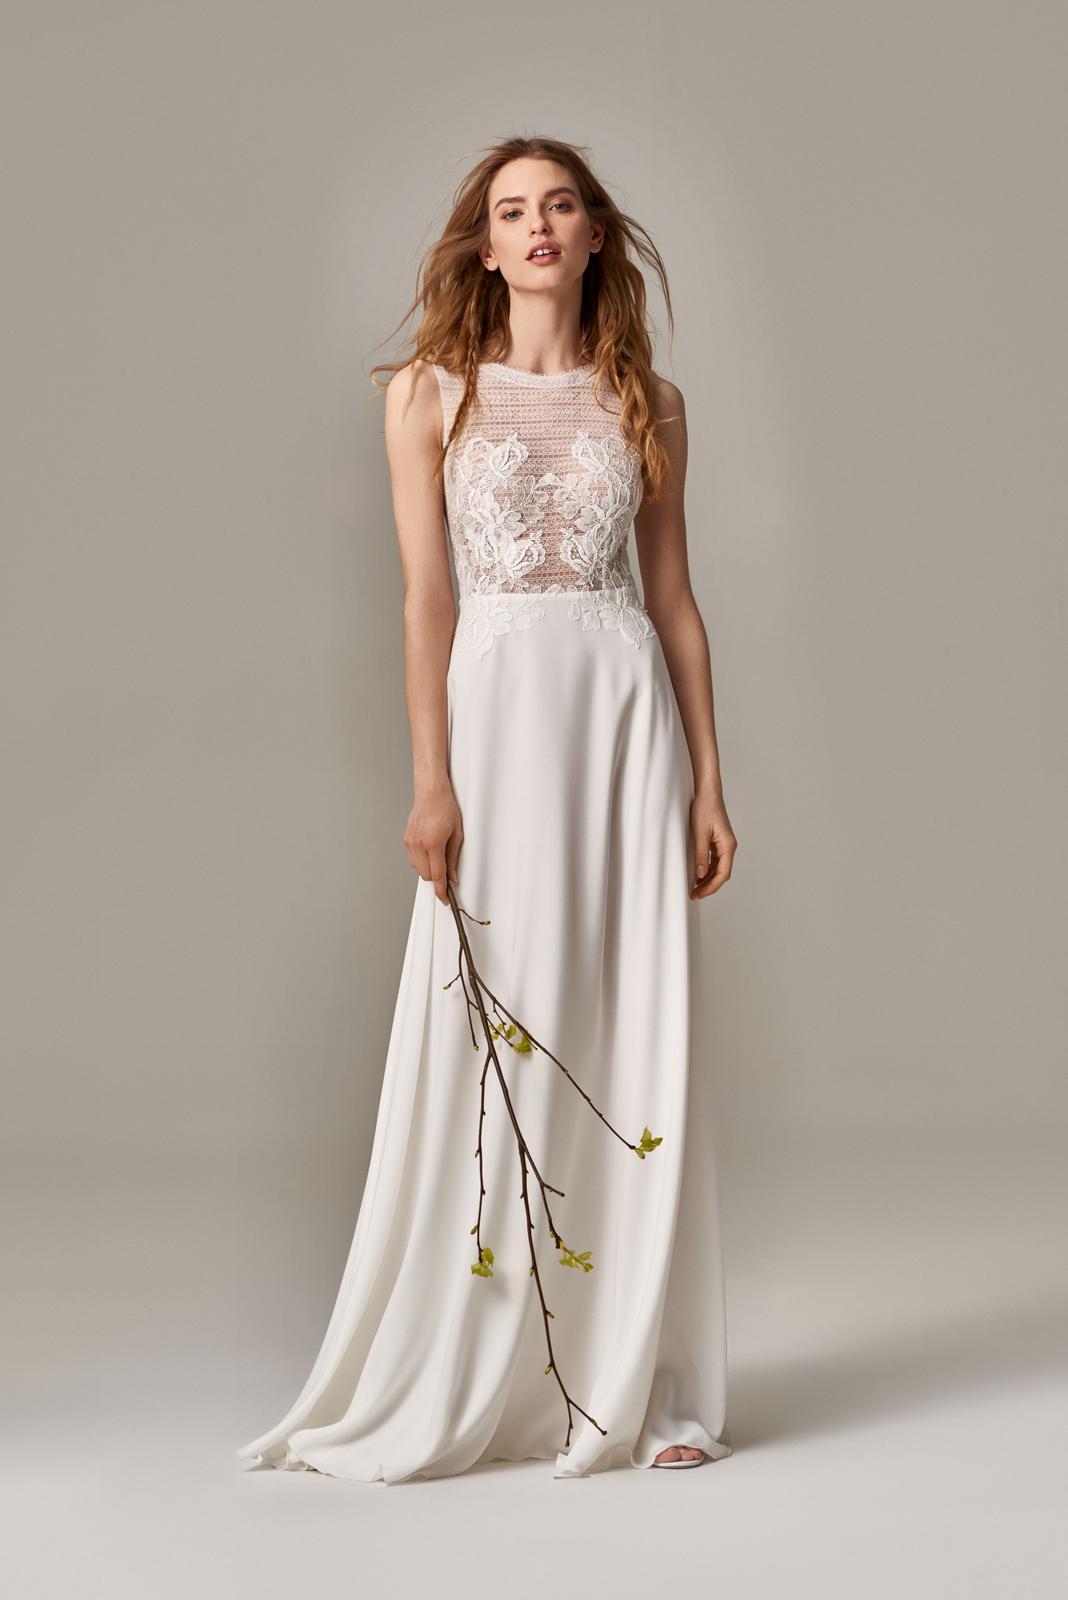 Anna Kara * Svadobné šaty z kolekcií na rok 2019 - Obrázok č. 6